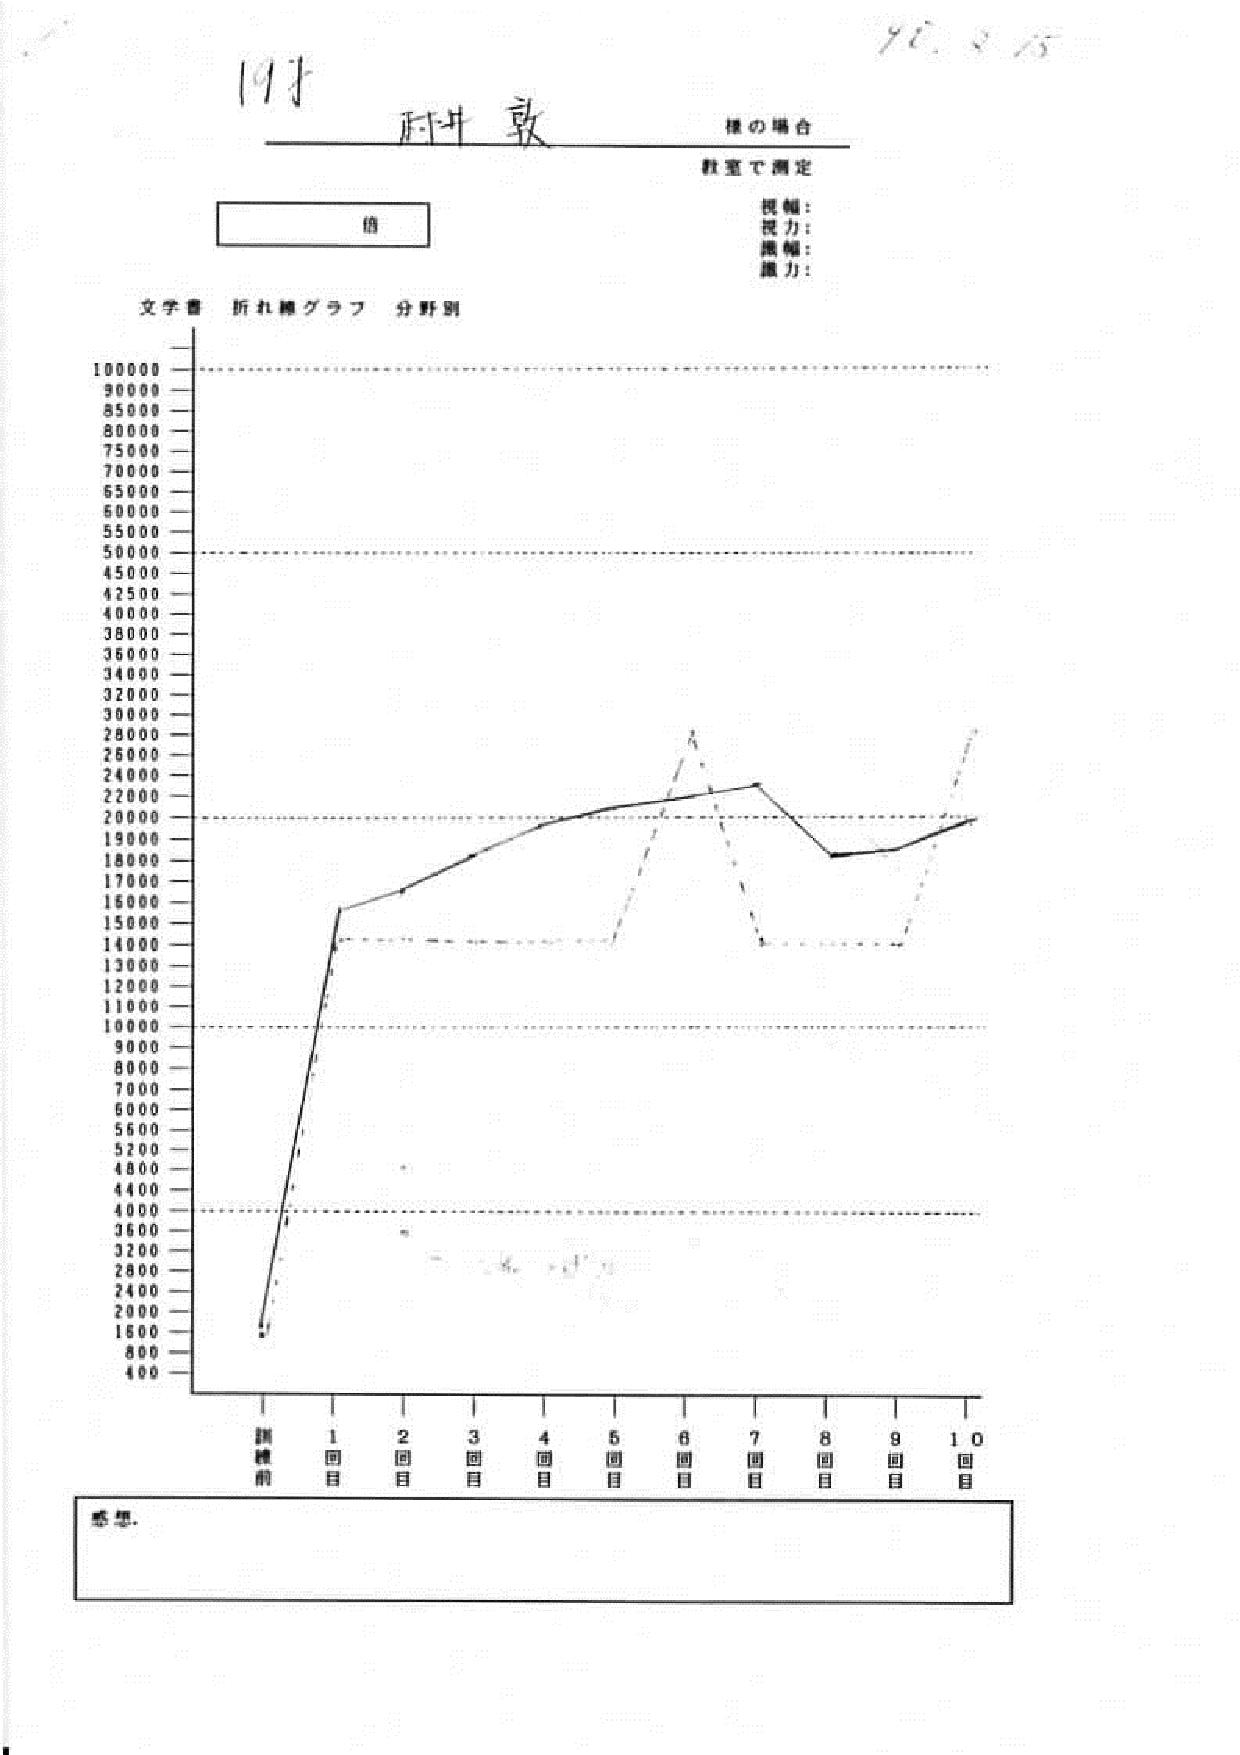 村井様グラフ